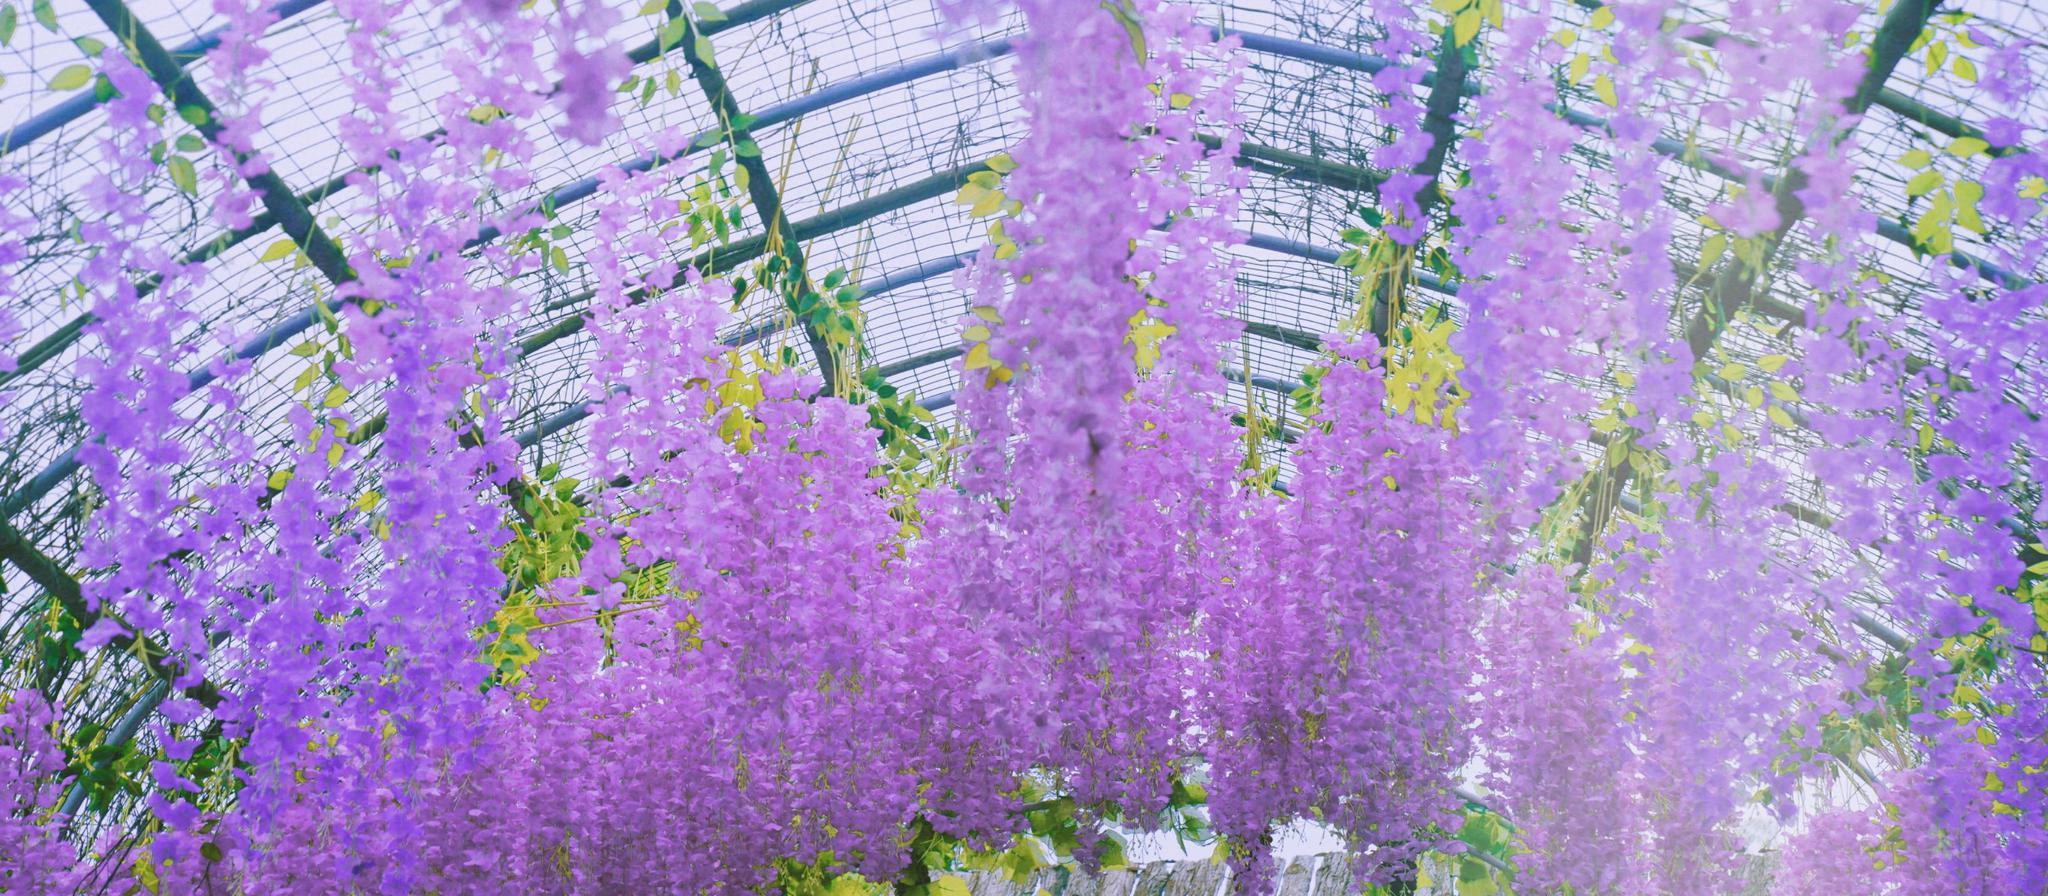 来屯之谷,找回属于紫色的浪漫与宁静